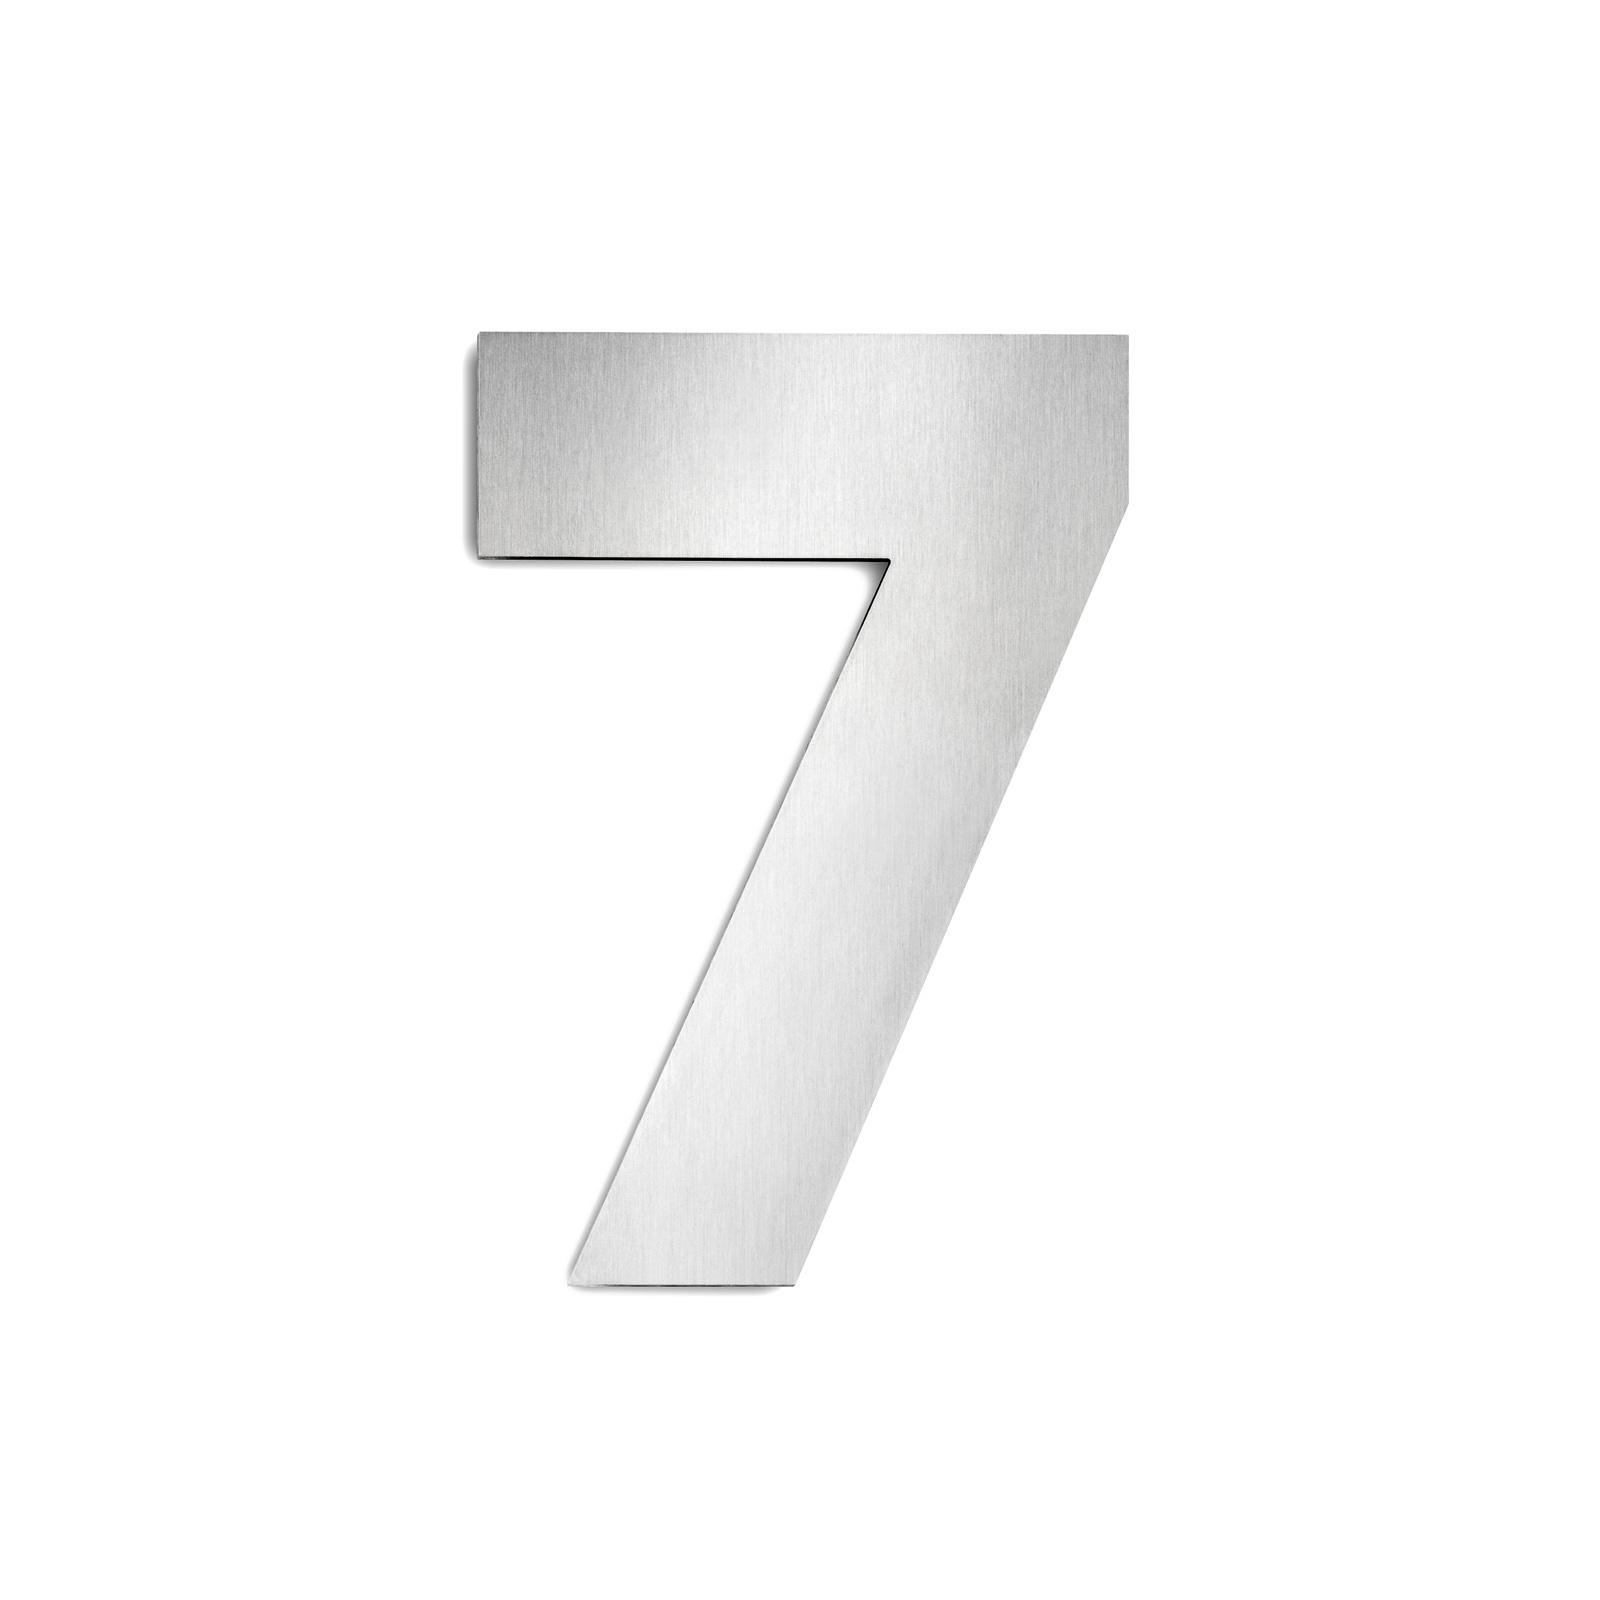 Domovní čísla z ušlechtilé oceli velikost 7